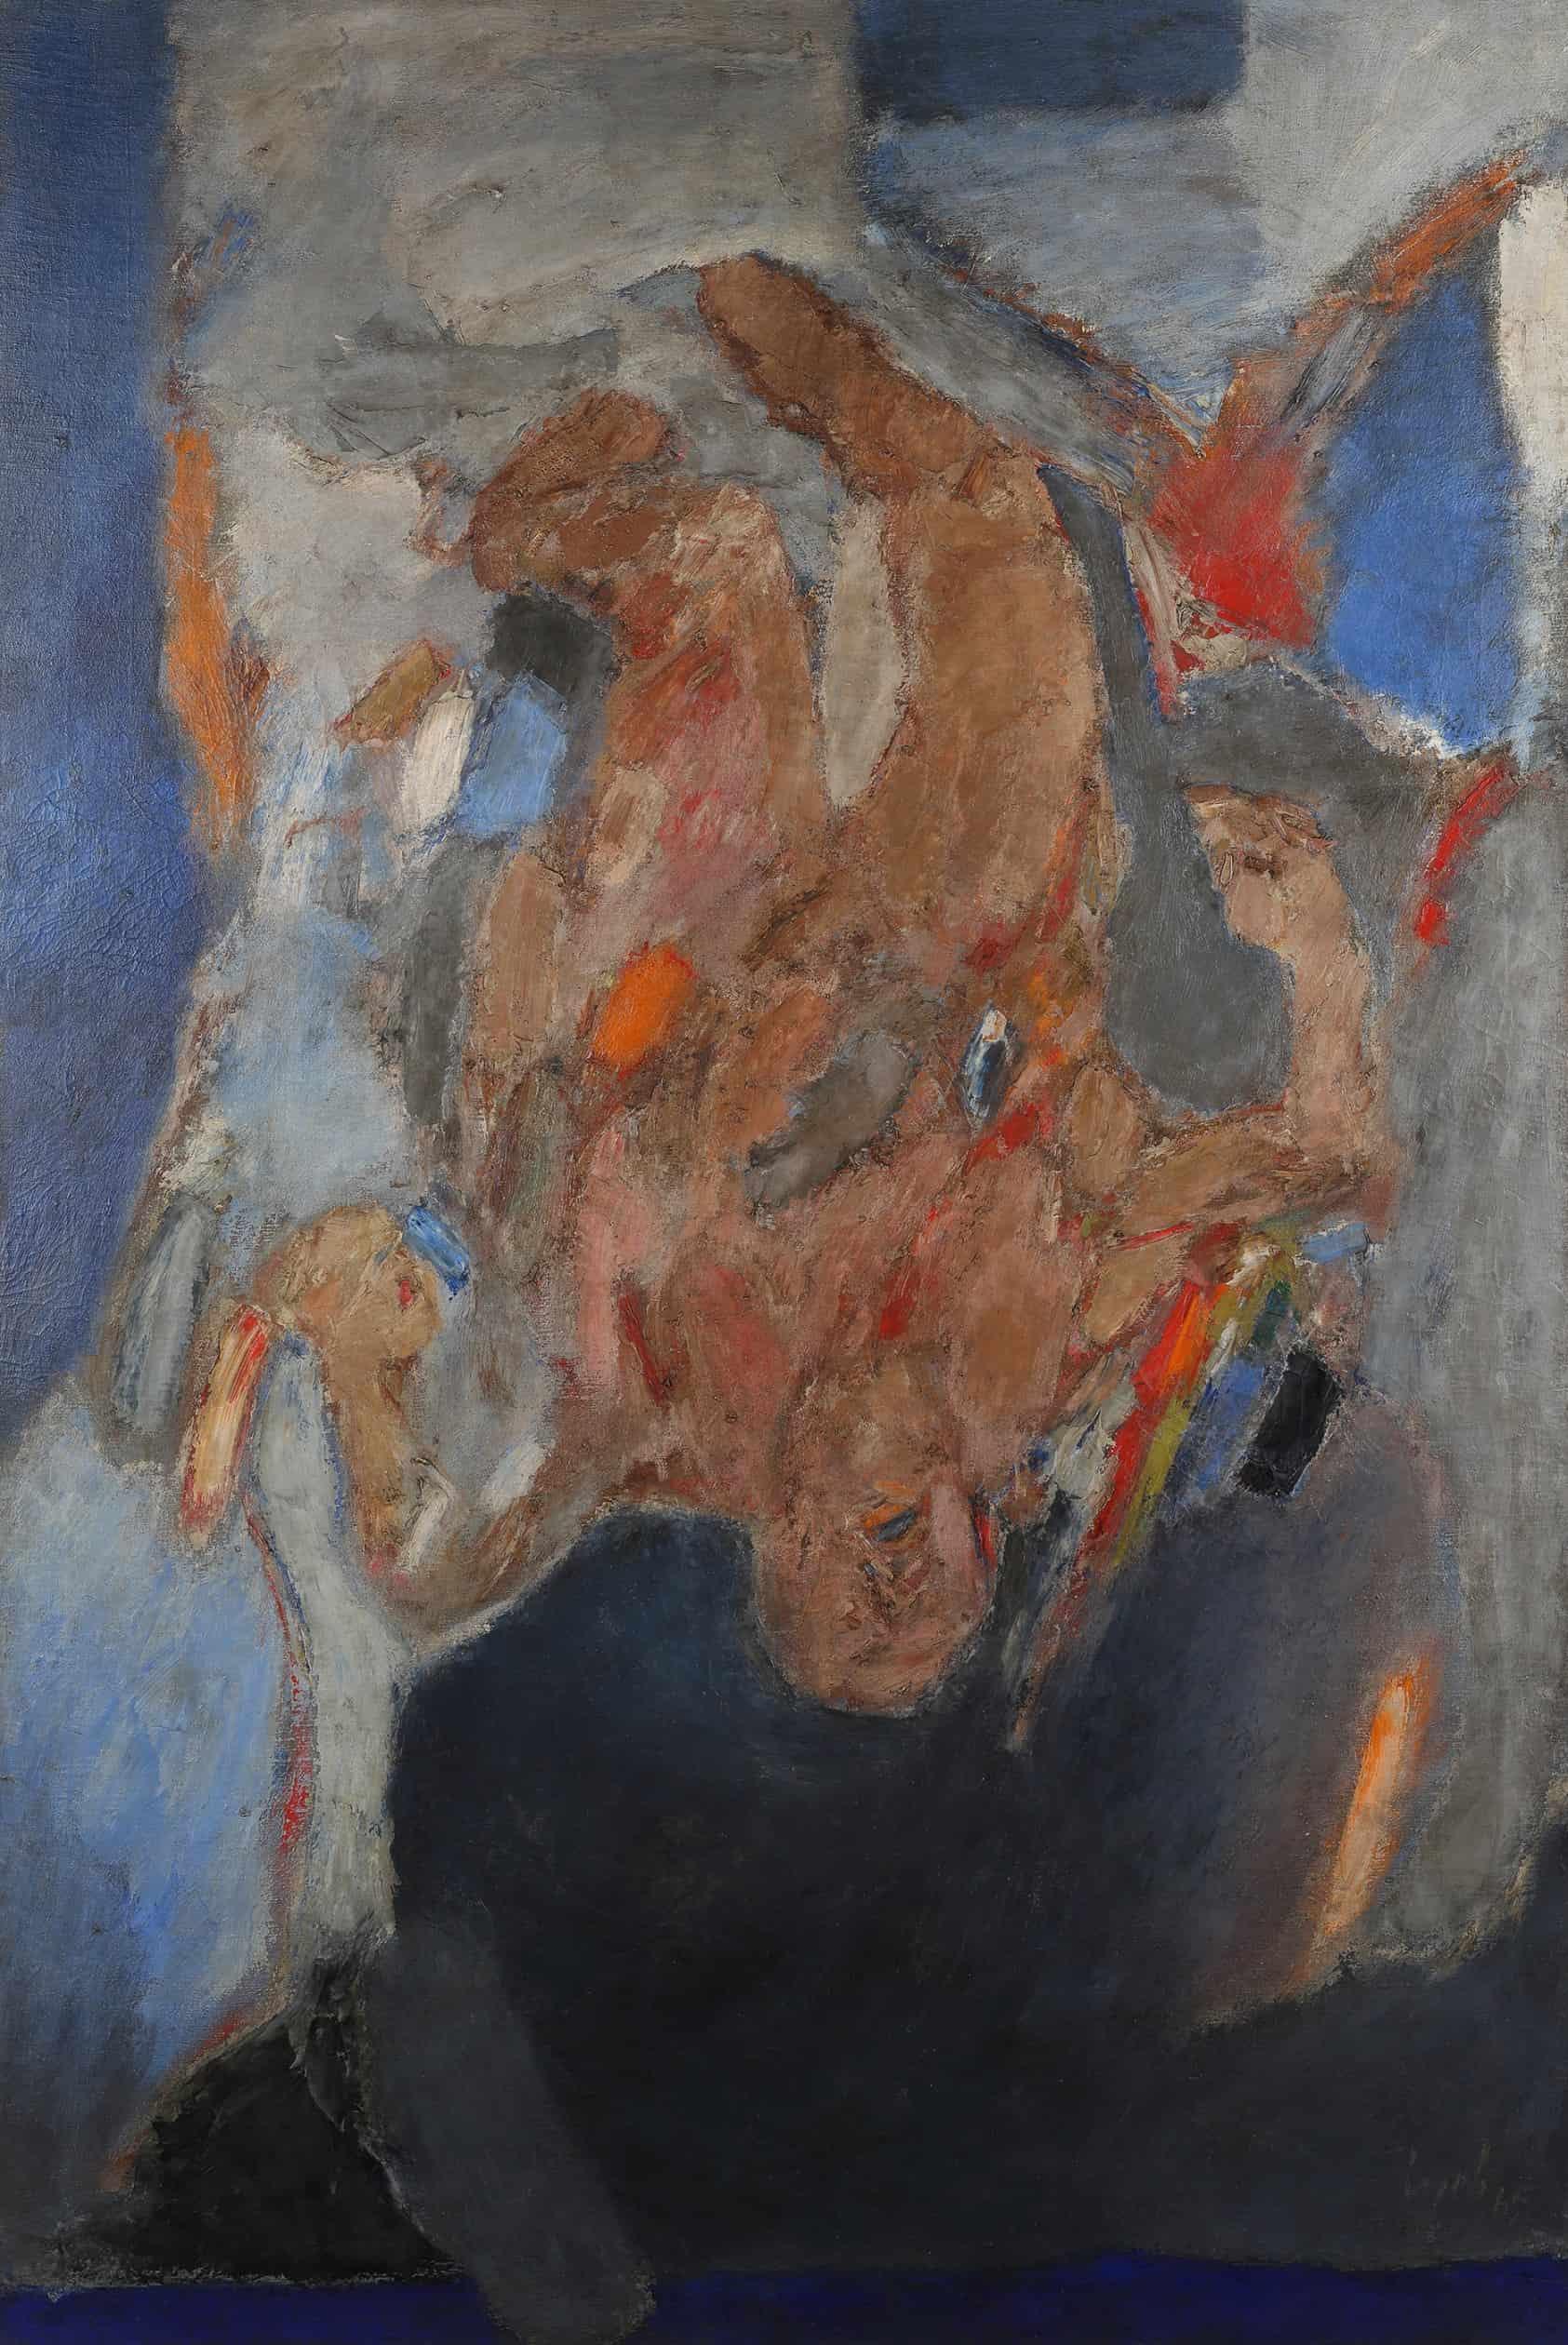 Lot 46 GÇô Tyeb MehtaGÇÖs Falling Figure, painted in 1965, led SaffronartGÇÖs Evening Sale at INR 6 crores (USD 909,091)